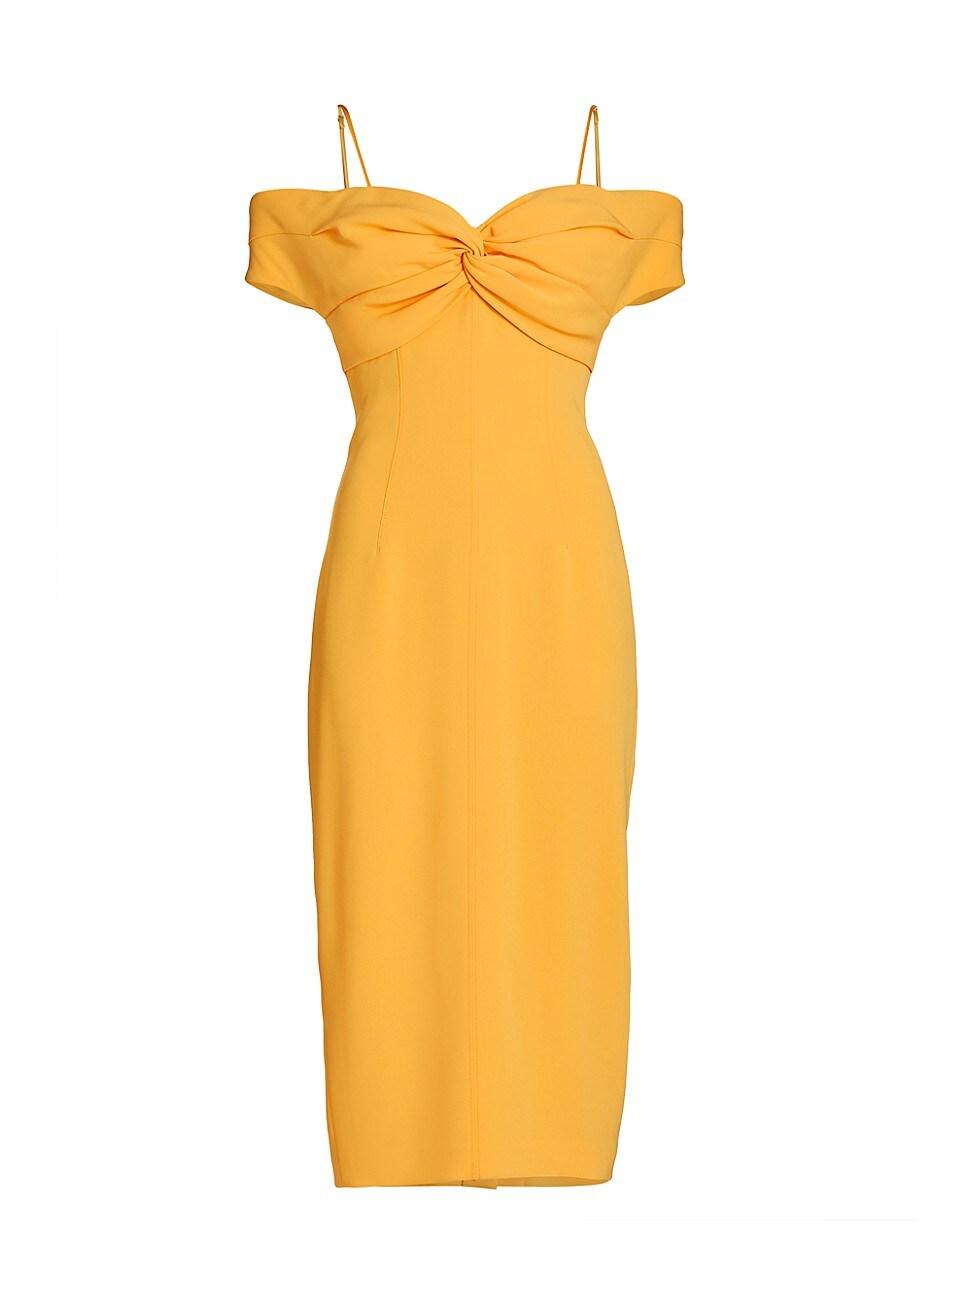 Cinq À Sept WOMEN'S JODY COLD-SHOULDER COCKTAIL DRESS